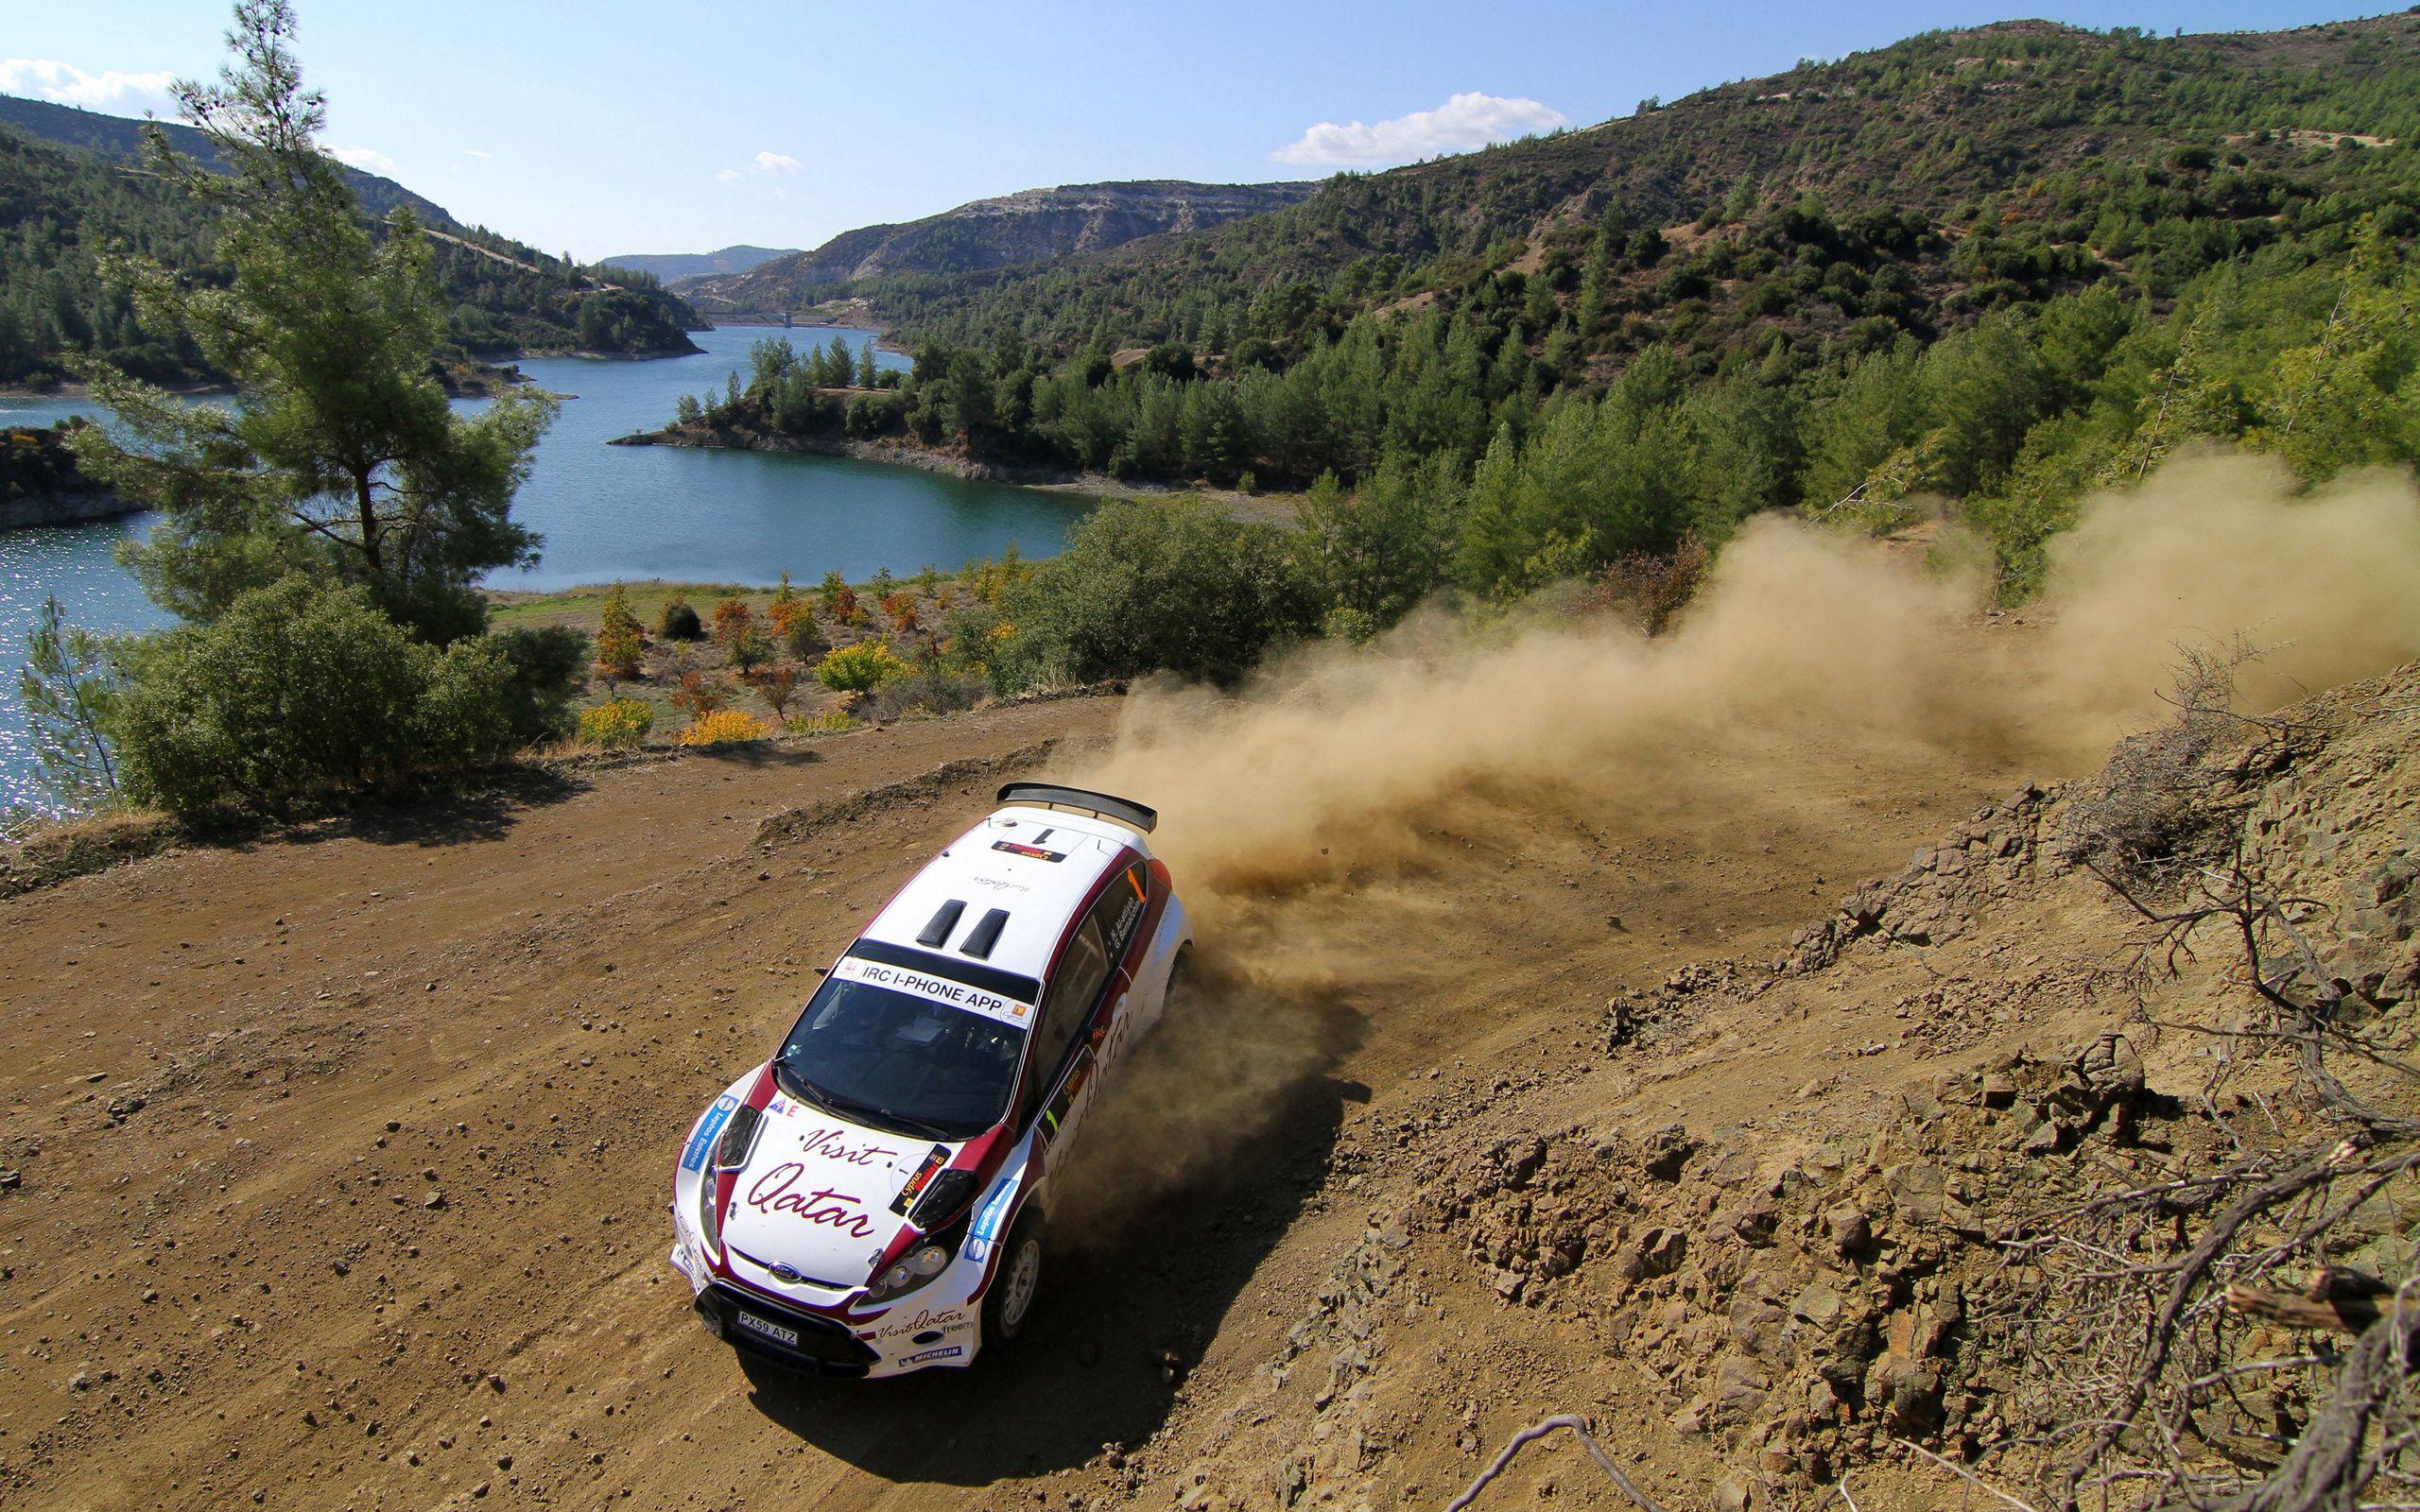 115078 Hintergrundbild herunterladen Sport, Ford, Wende, Drehen, Staub, Interkontinentale Rallye-Herausforderung, Al Attiyah, Zypern 2011 - Bildschirmschoner und Bilder kostenlos